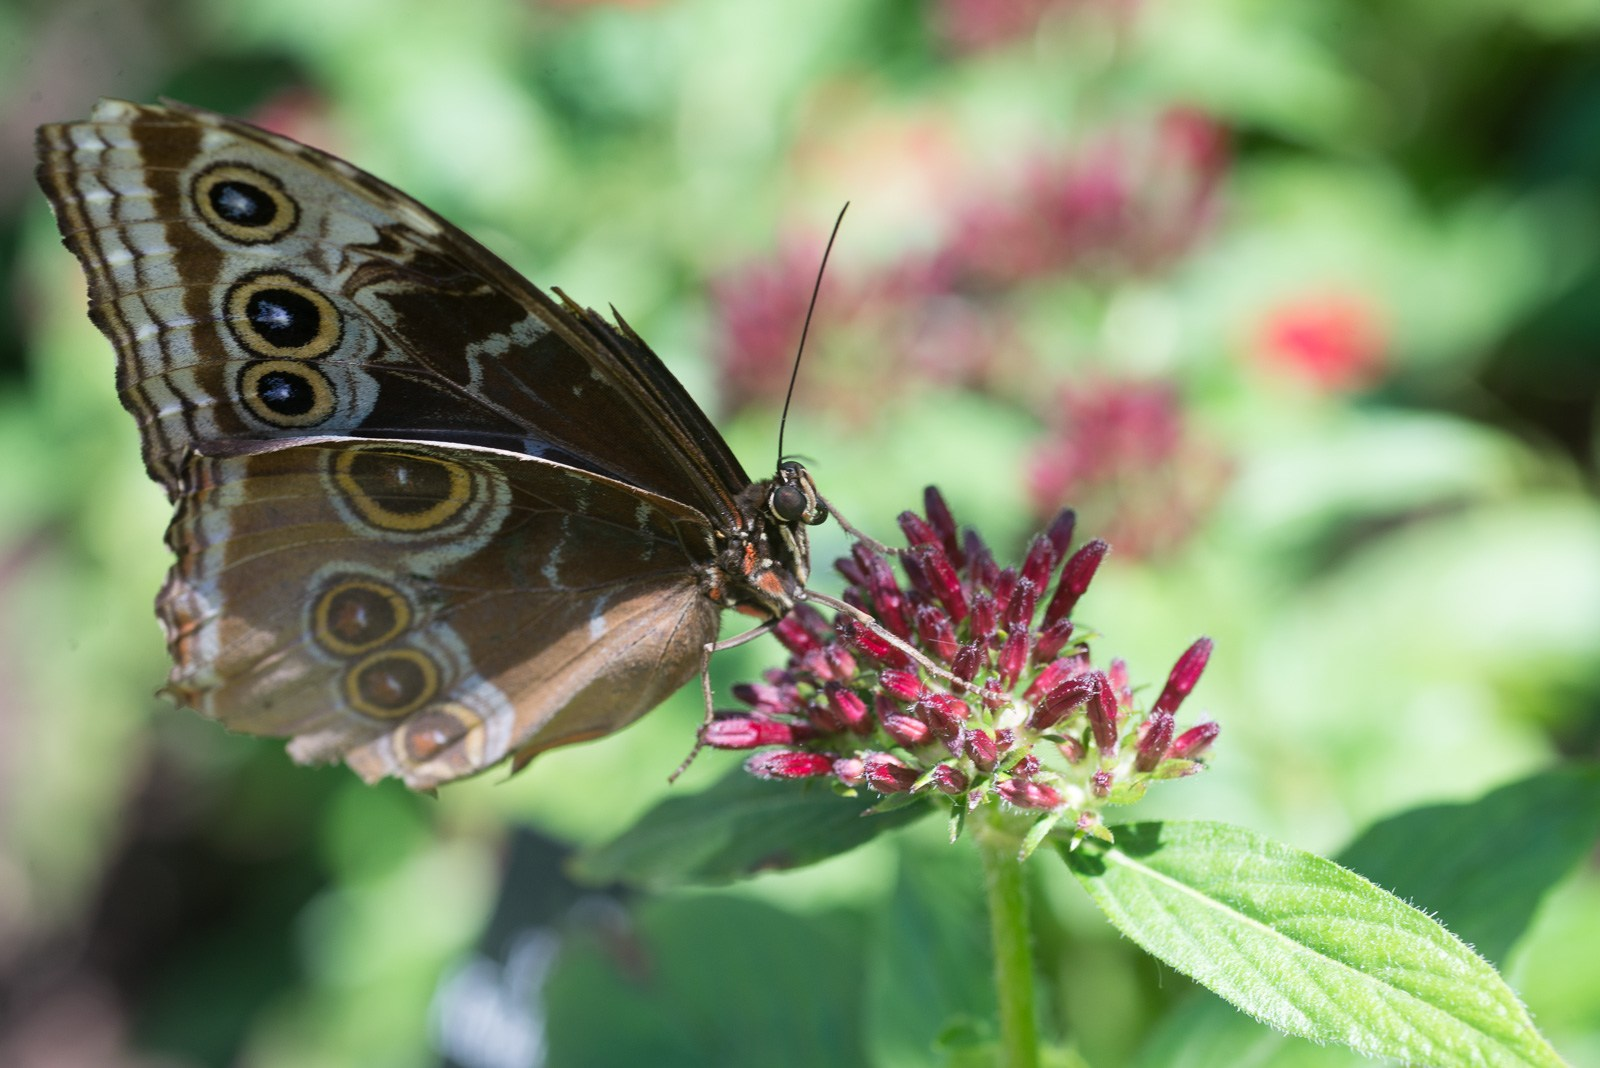 06-17-16 Chicago Botanic Garden-197.jpg